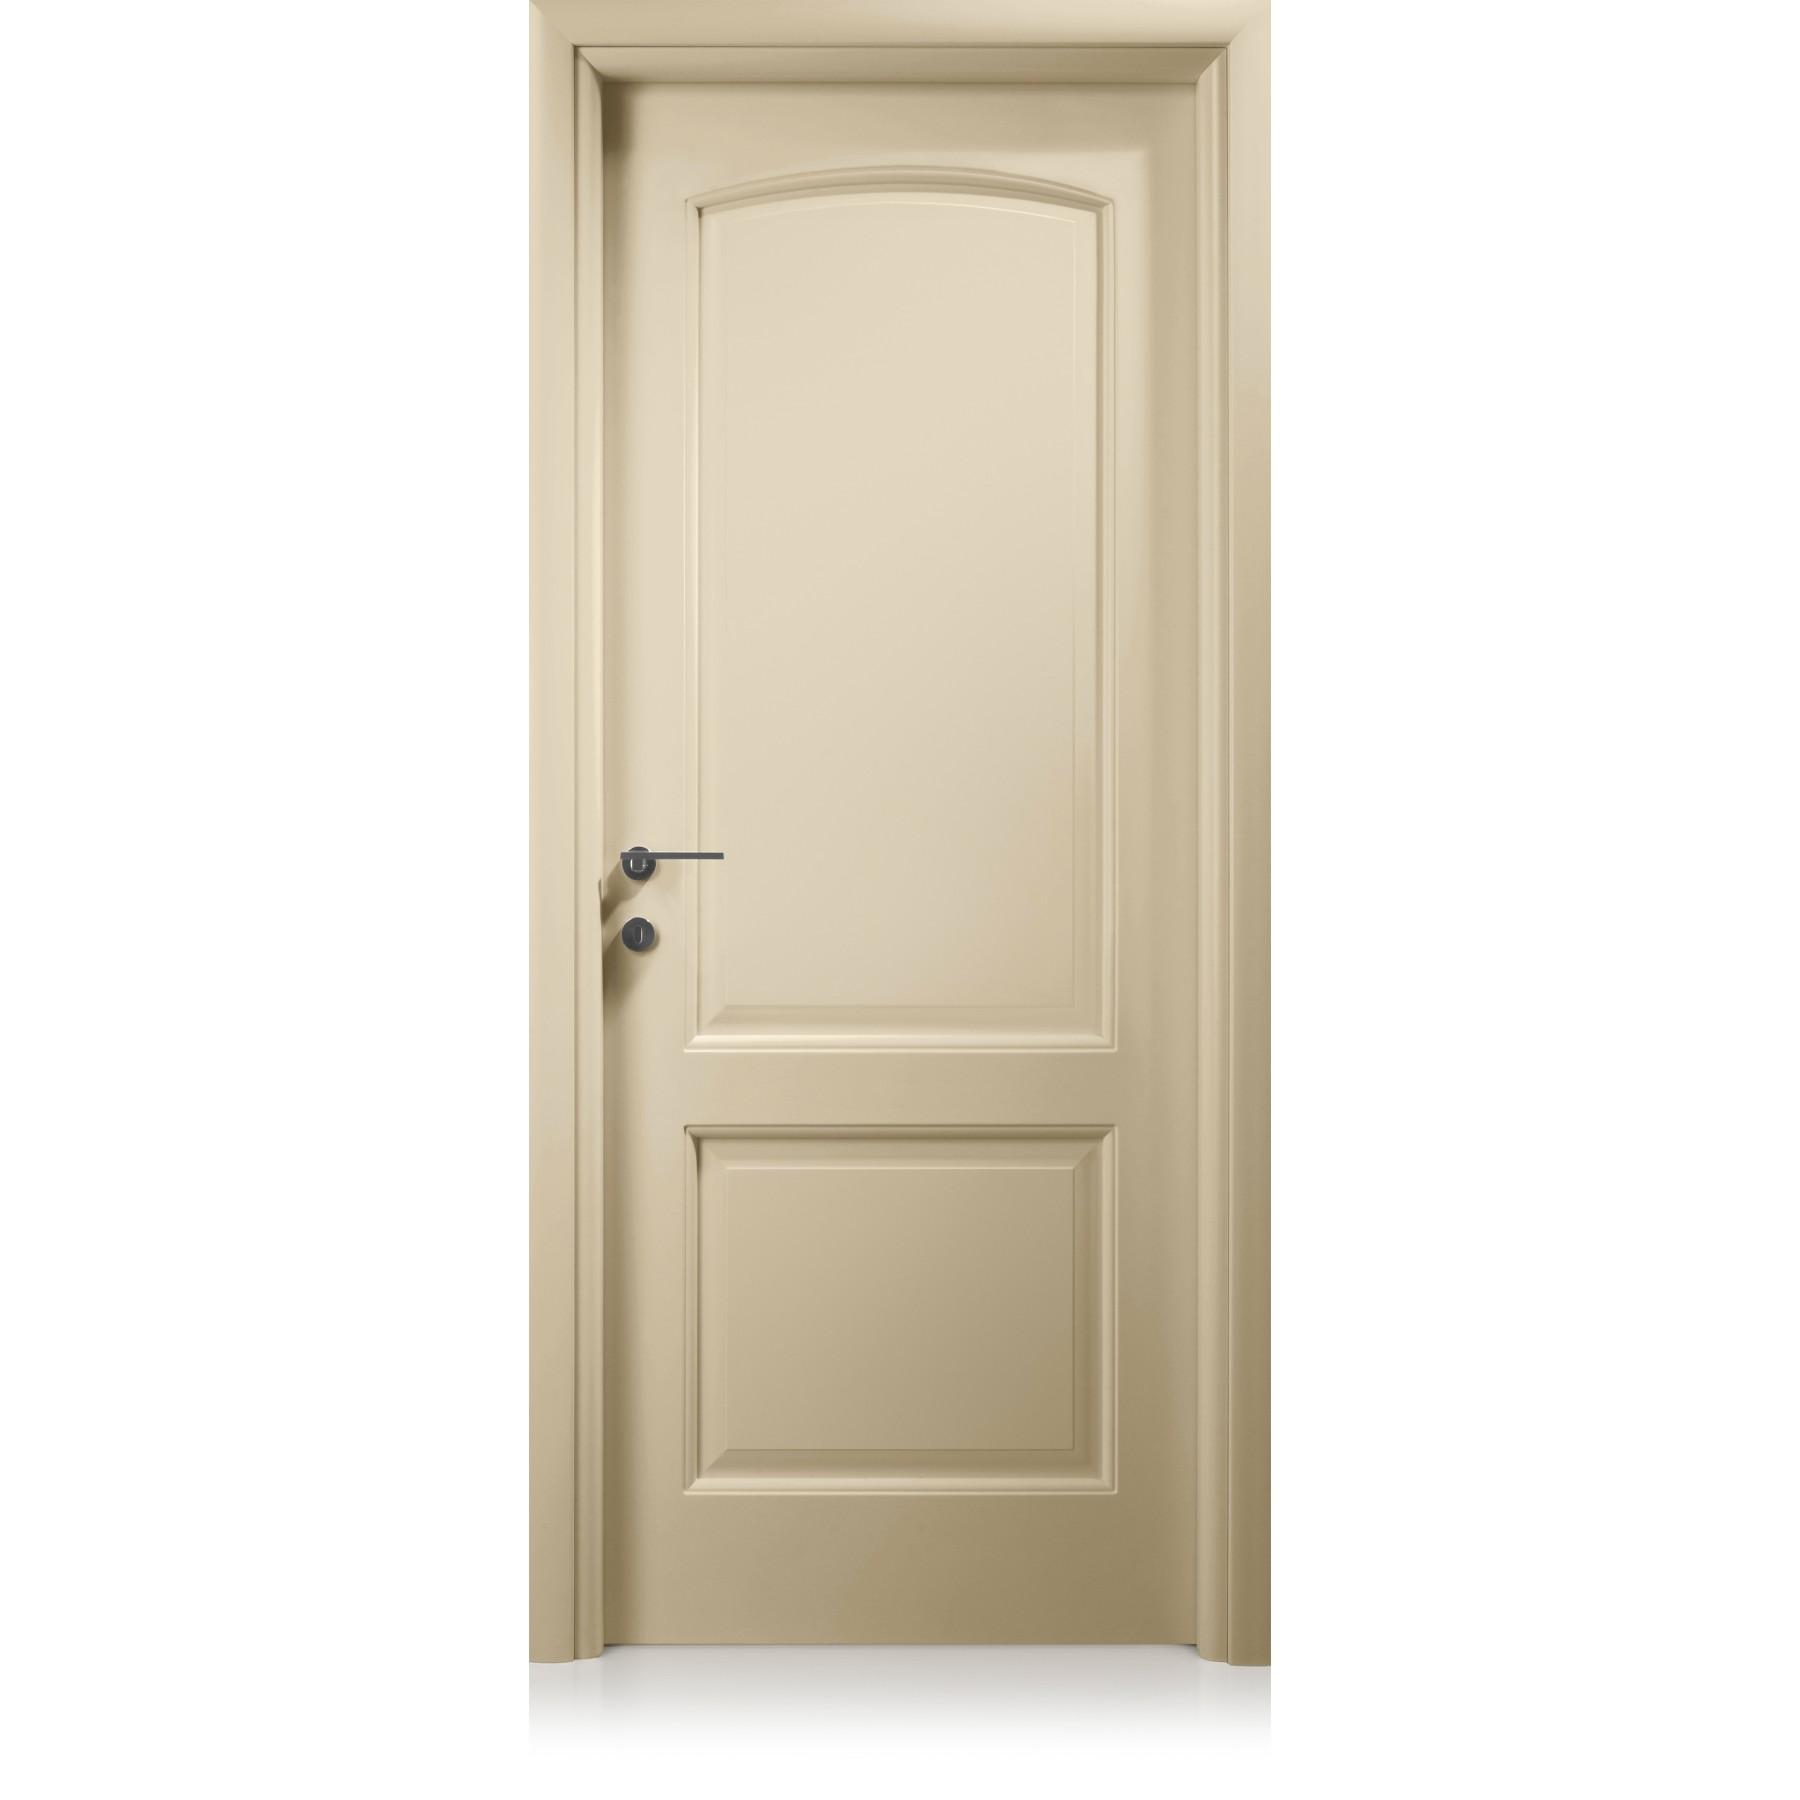 Diva cremy door